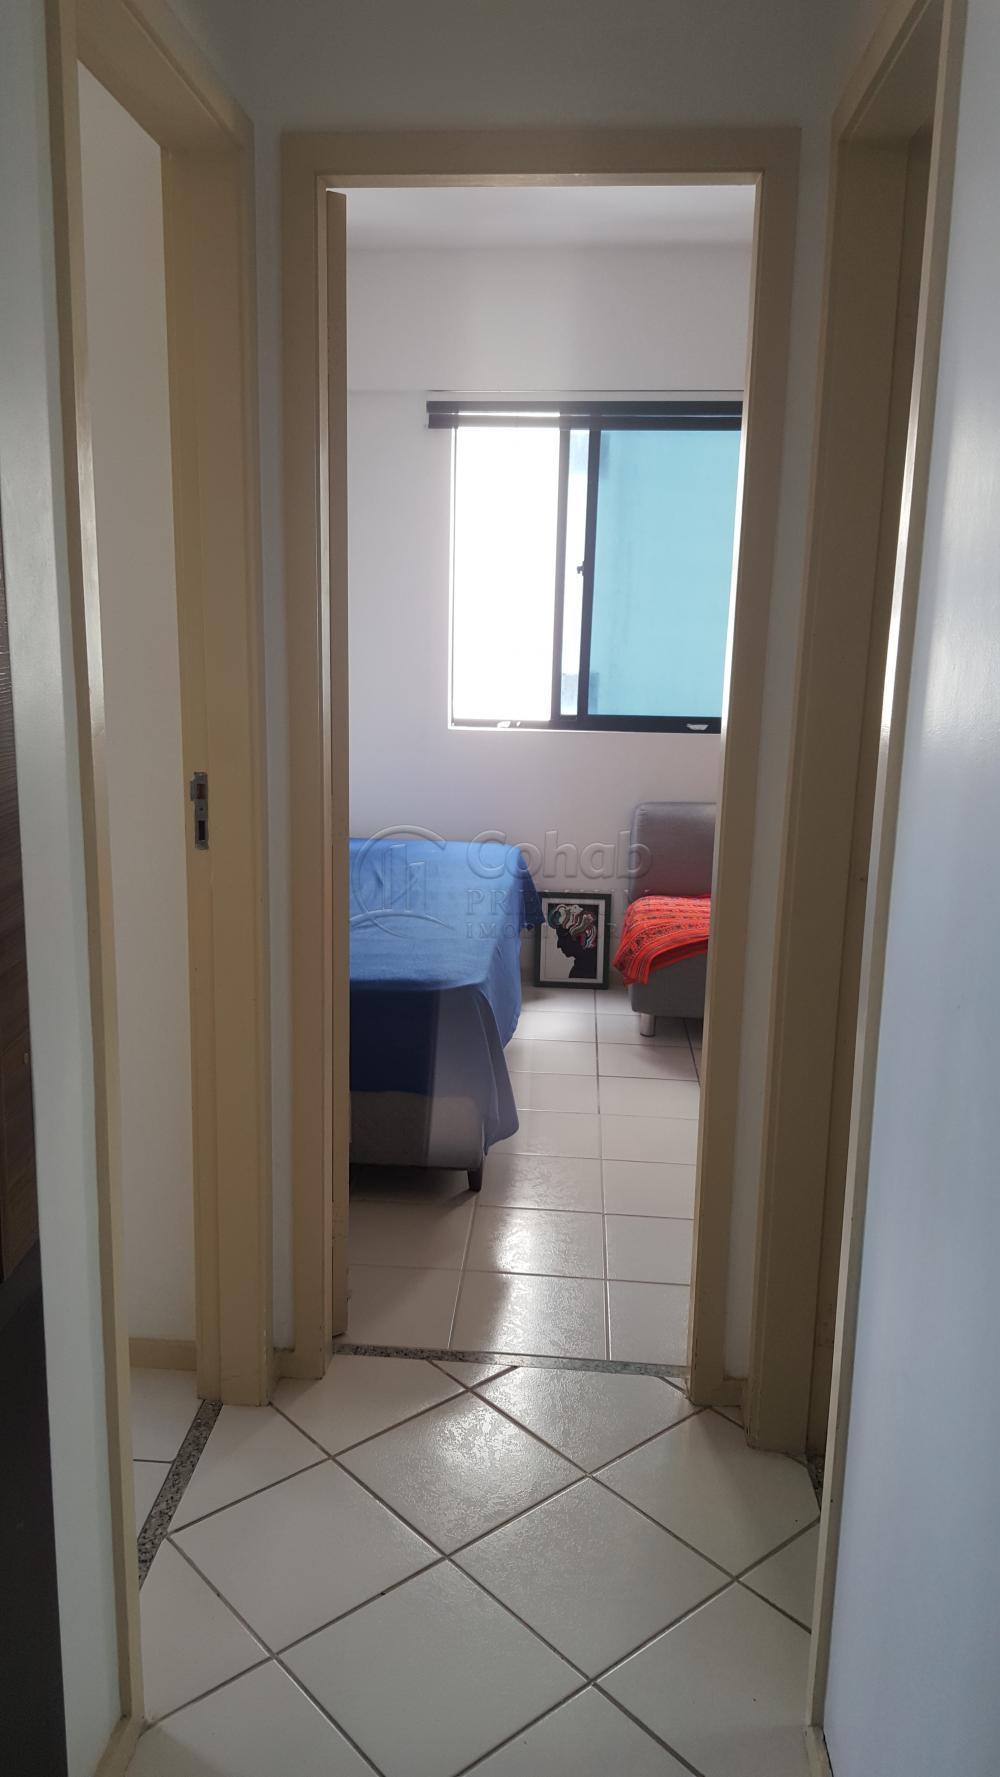 Comprar Apartamento / Padrão em Aracaju R$ 250.000,00 - Foto 7